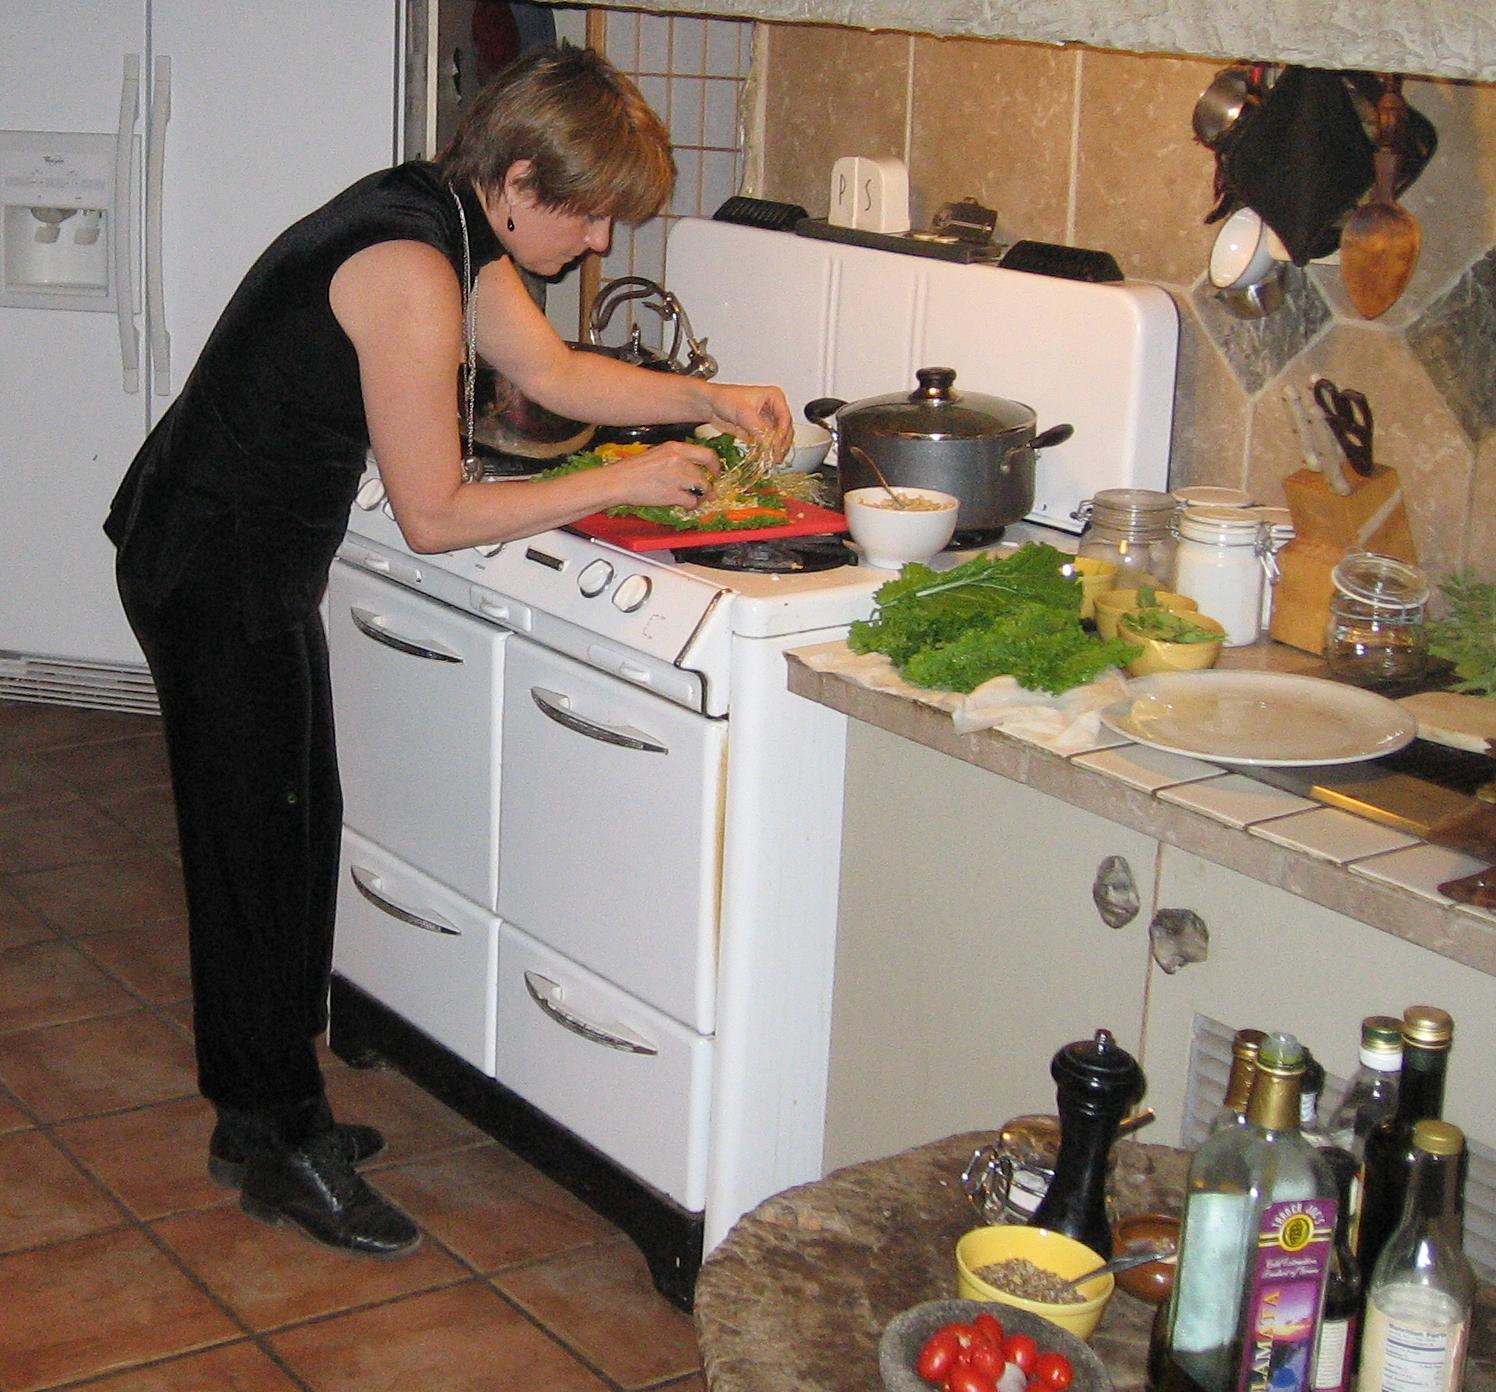 Ronda LaRue preparing healthy mean